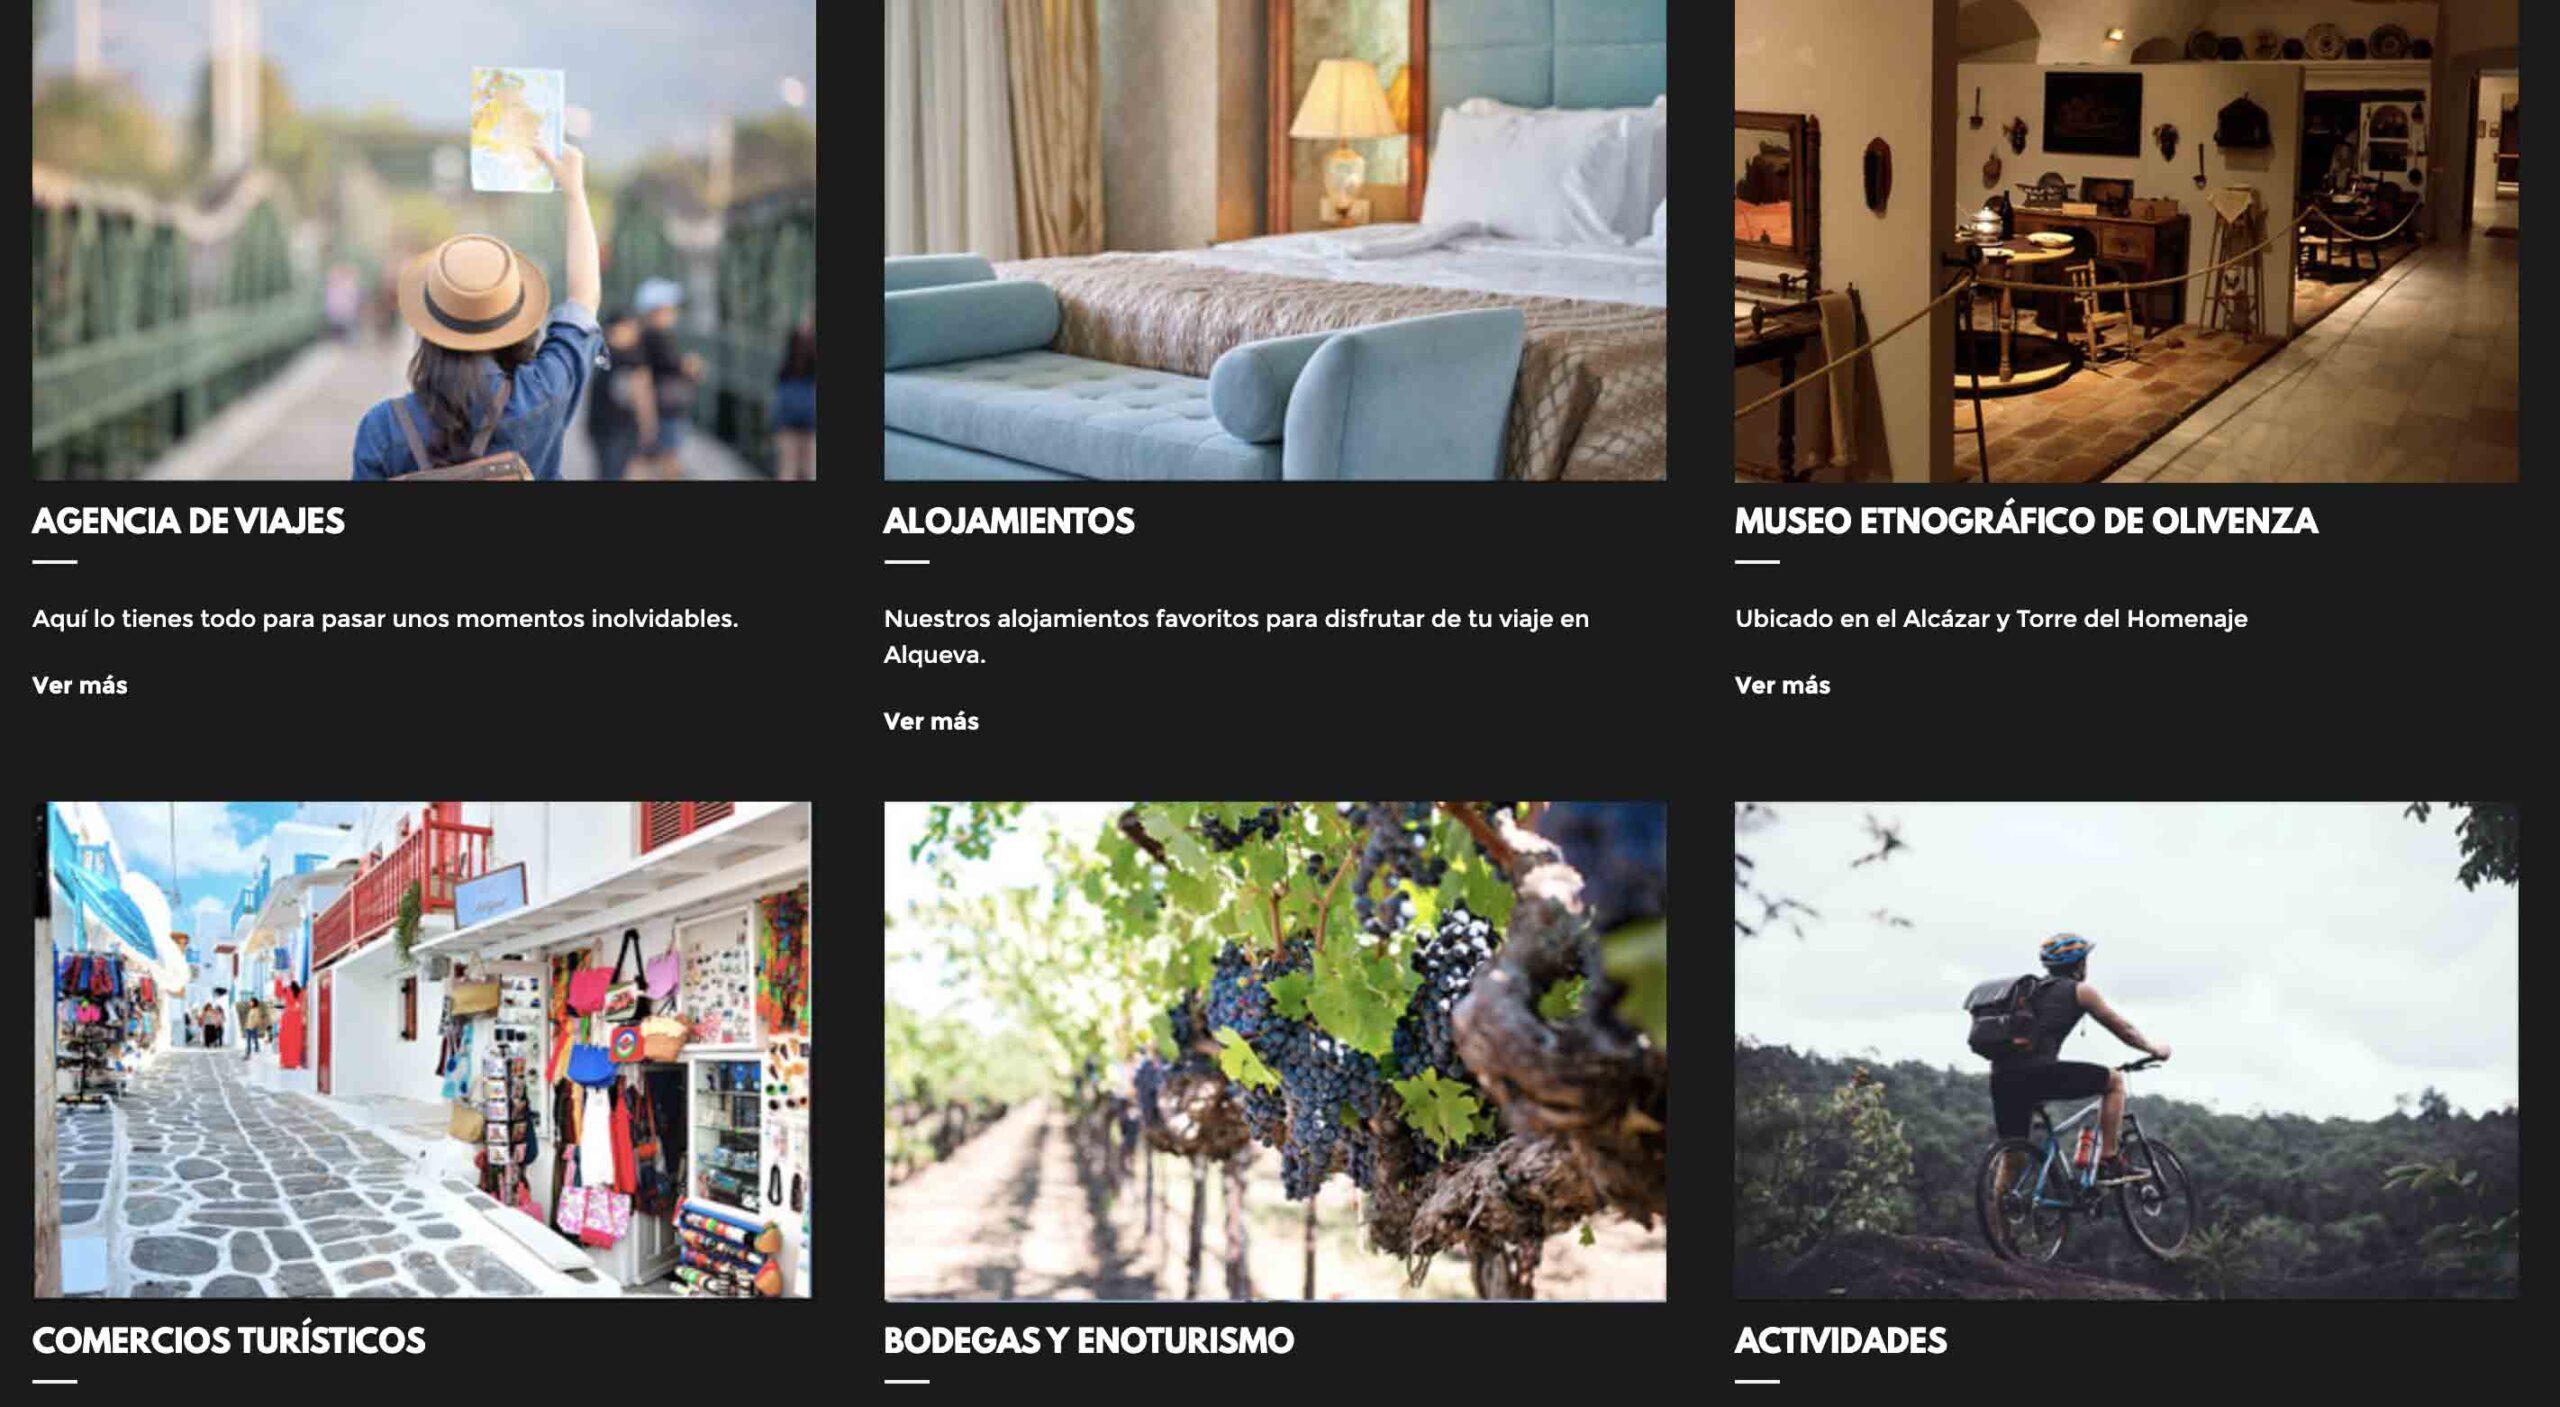 Diseño web para potenciar el Diseño de Marcas de Destinos Turísticos